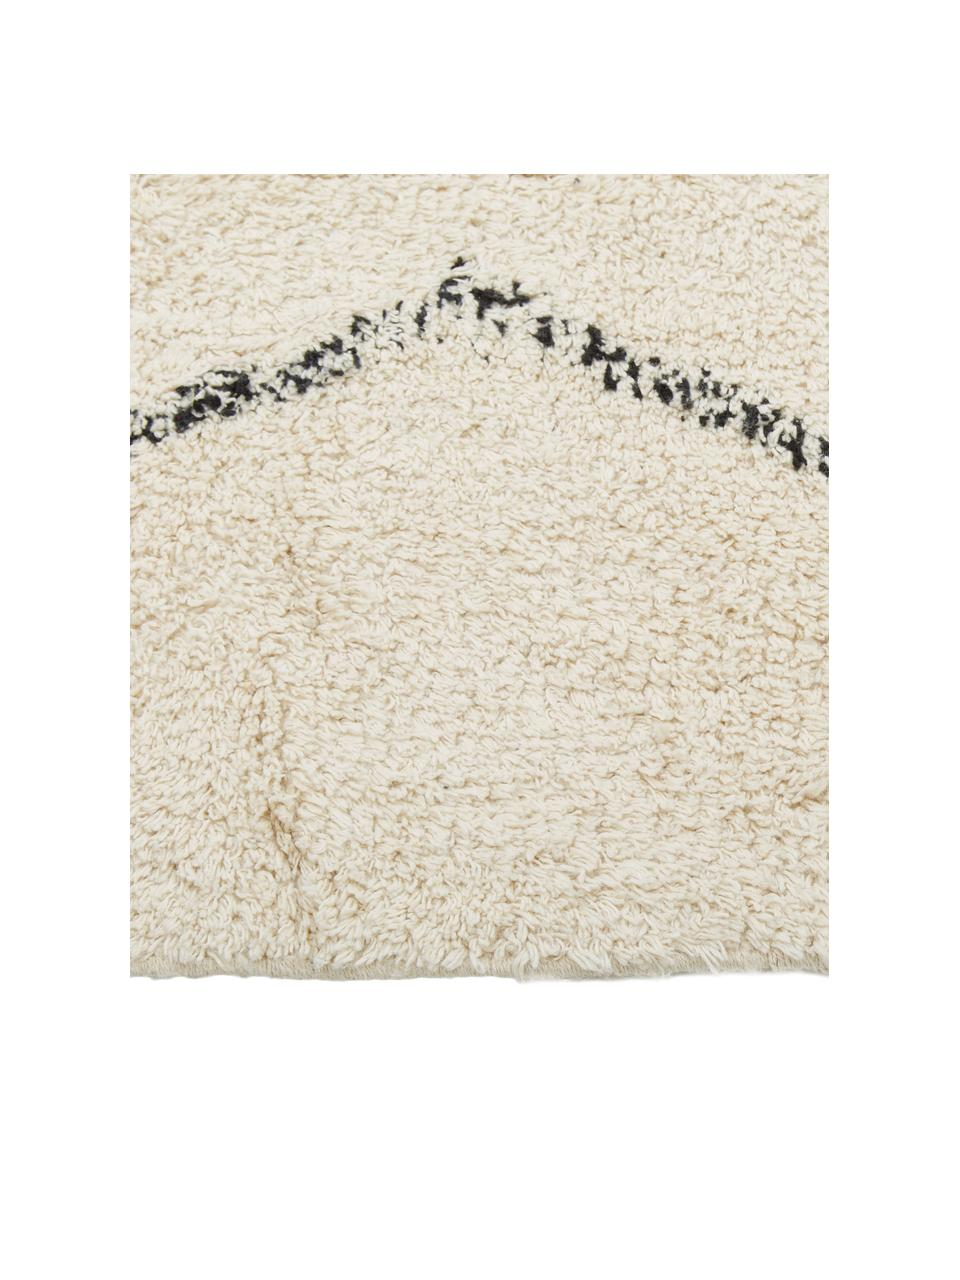 Handgetufteter Baumwollteppich Bina mit Rautenmuster, 100% Baumwolle, Beige, Schwarz, B 200 x L 300 cm (Größe L)